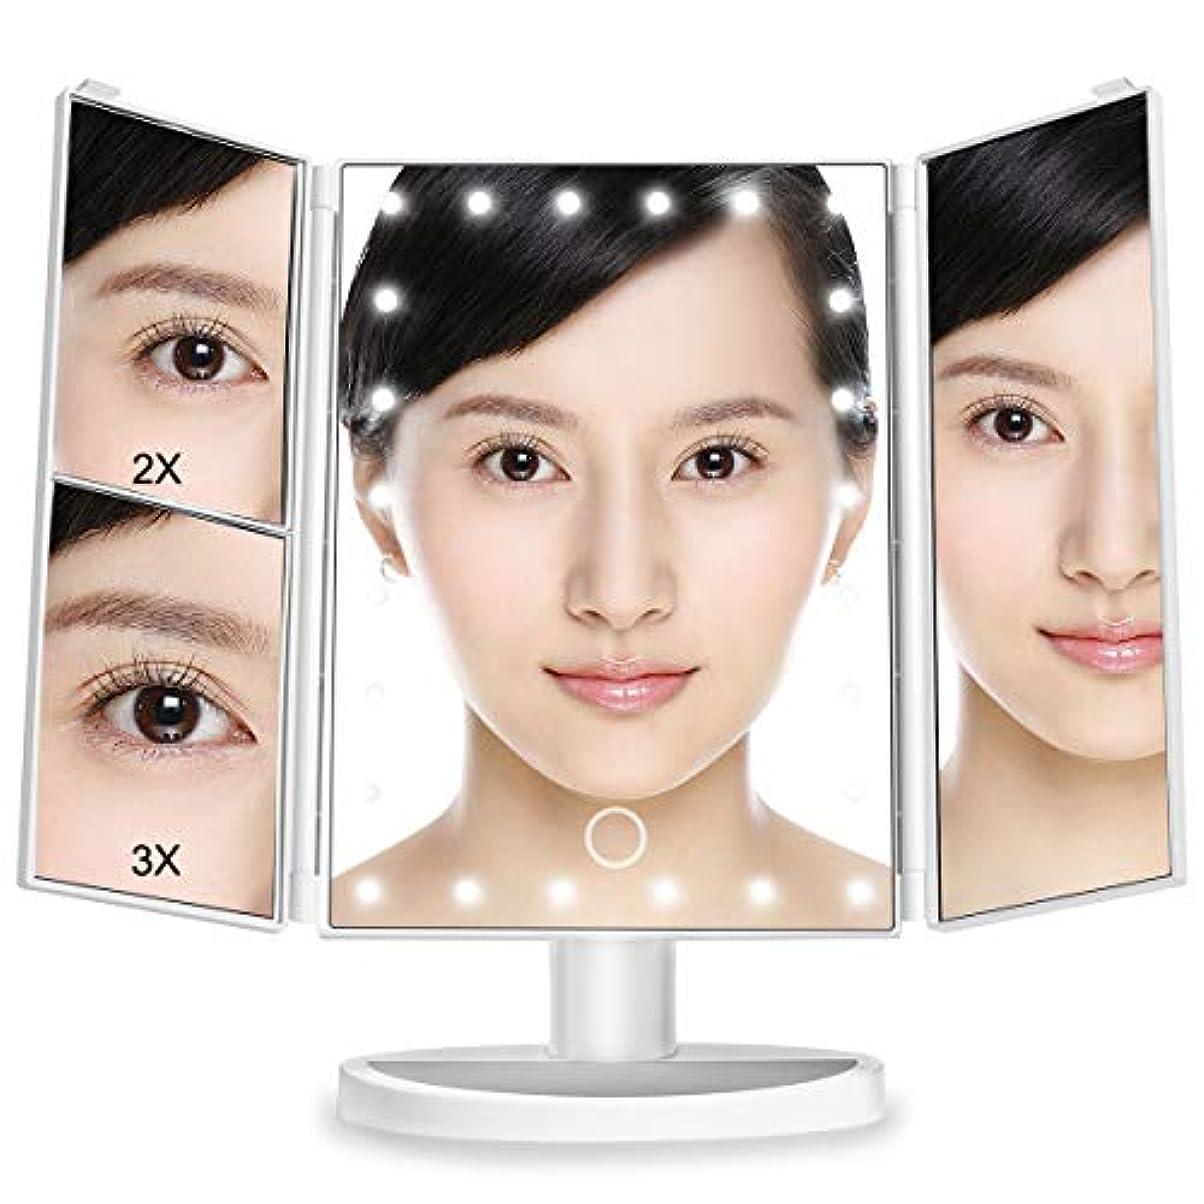 魅惑的な変数事女優ミラー 三面鏡 鏡 led 卓上鏡 化粧鏡 化粧ミラー 鏡 折りたたみ式 ledライト付き 明るさ調整可能 2&3倍拡大鏡付 180 °回転 電池&USB 2WAY給電